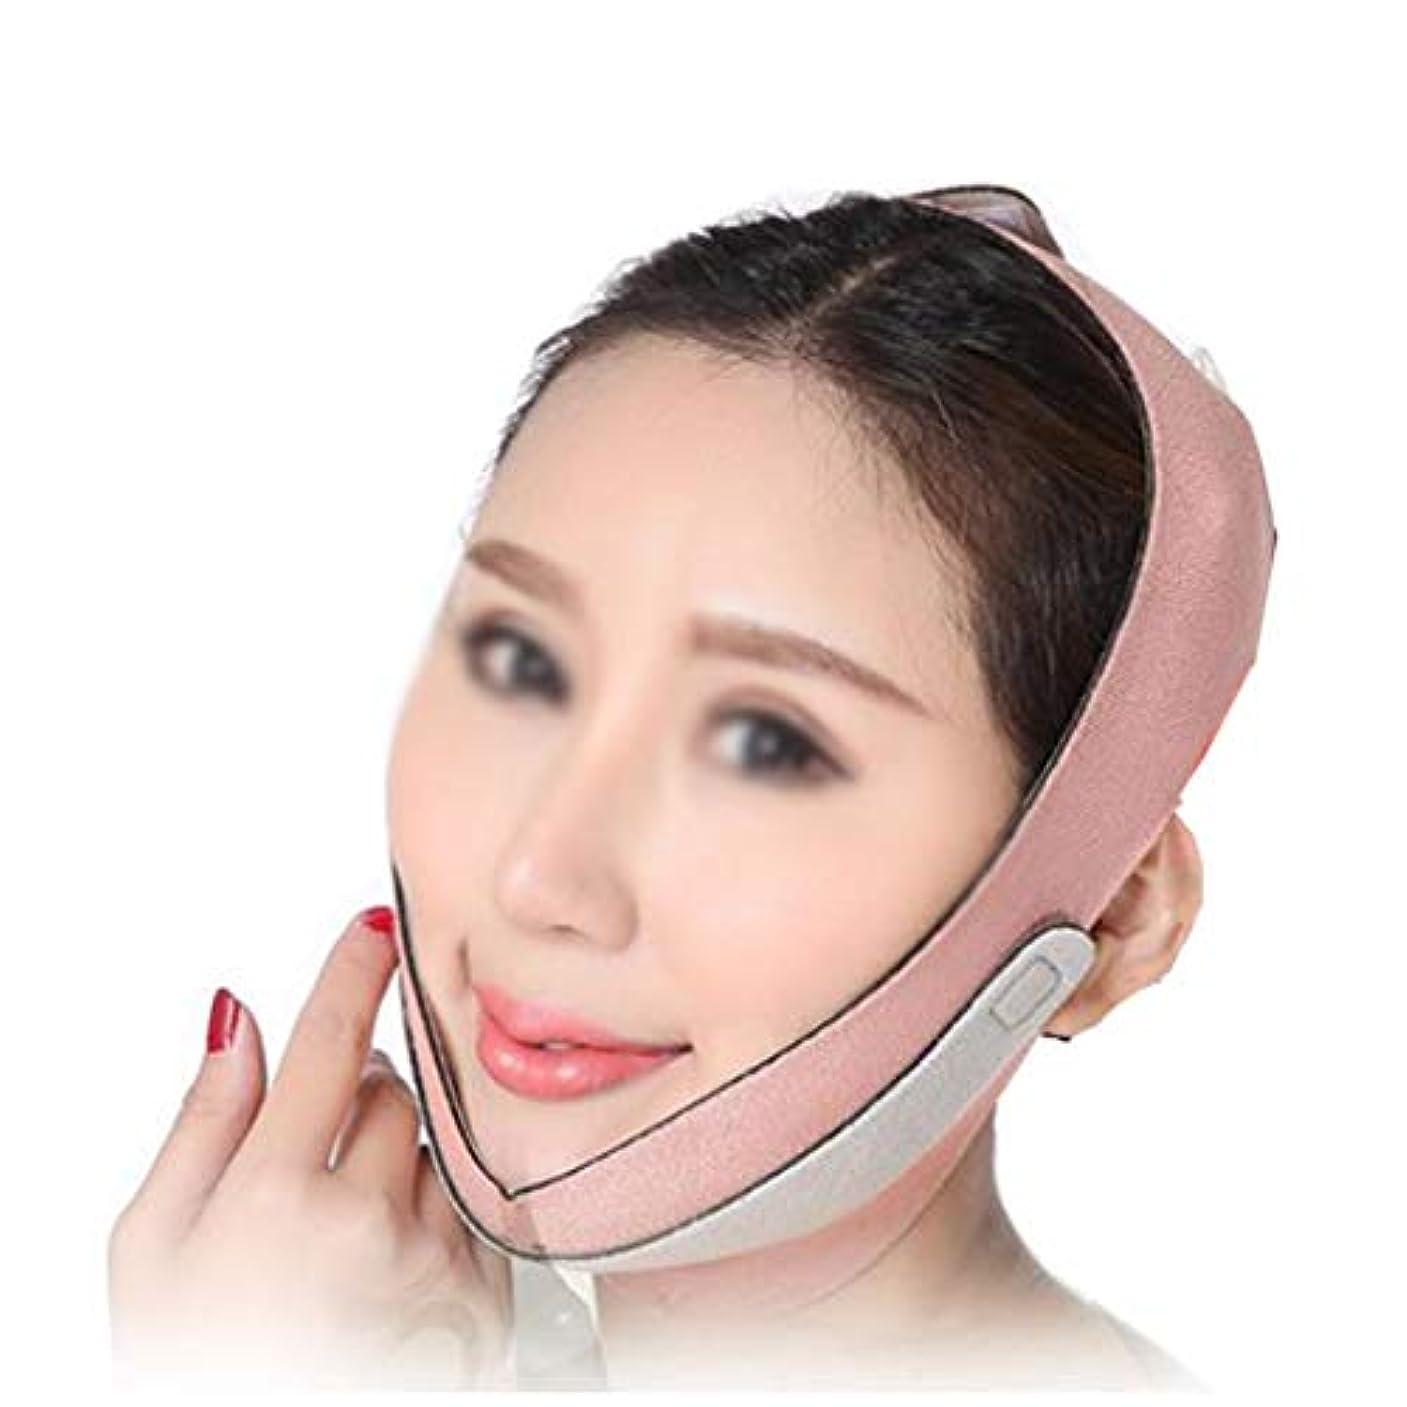 関連する落花生欠陥ZWBD フェイスマスク, フェイスリフティングマスクフェイスリフティングツールを備えたVフェイスの薄い顔3Dフェイスリフティングフェイスリフティング包帯フェイスリフティングデバイスフェイスリフティングマシン